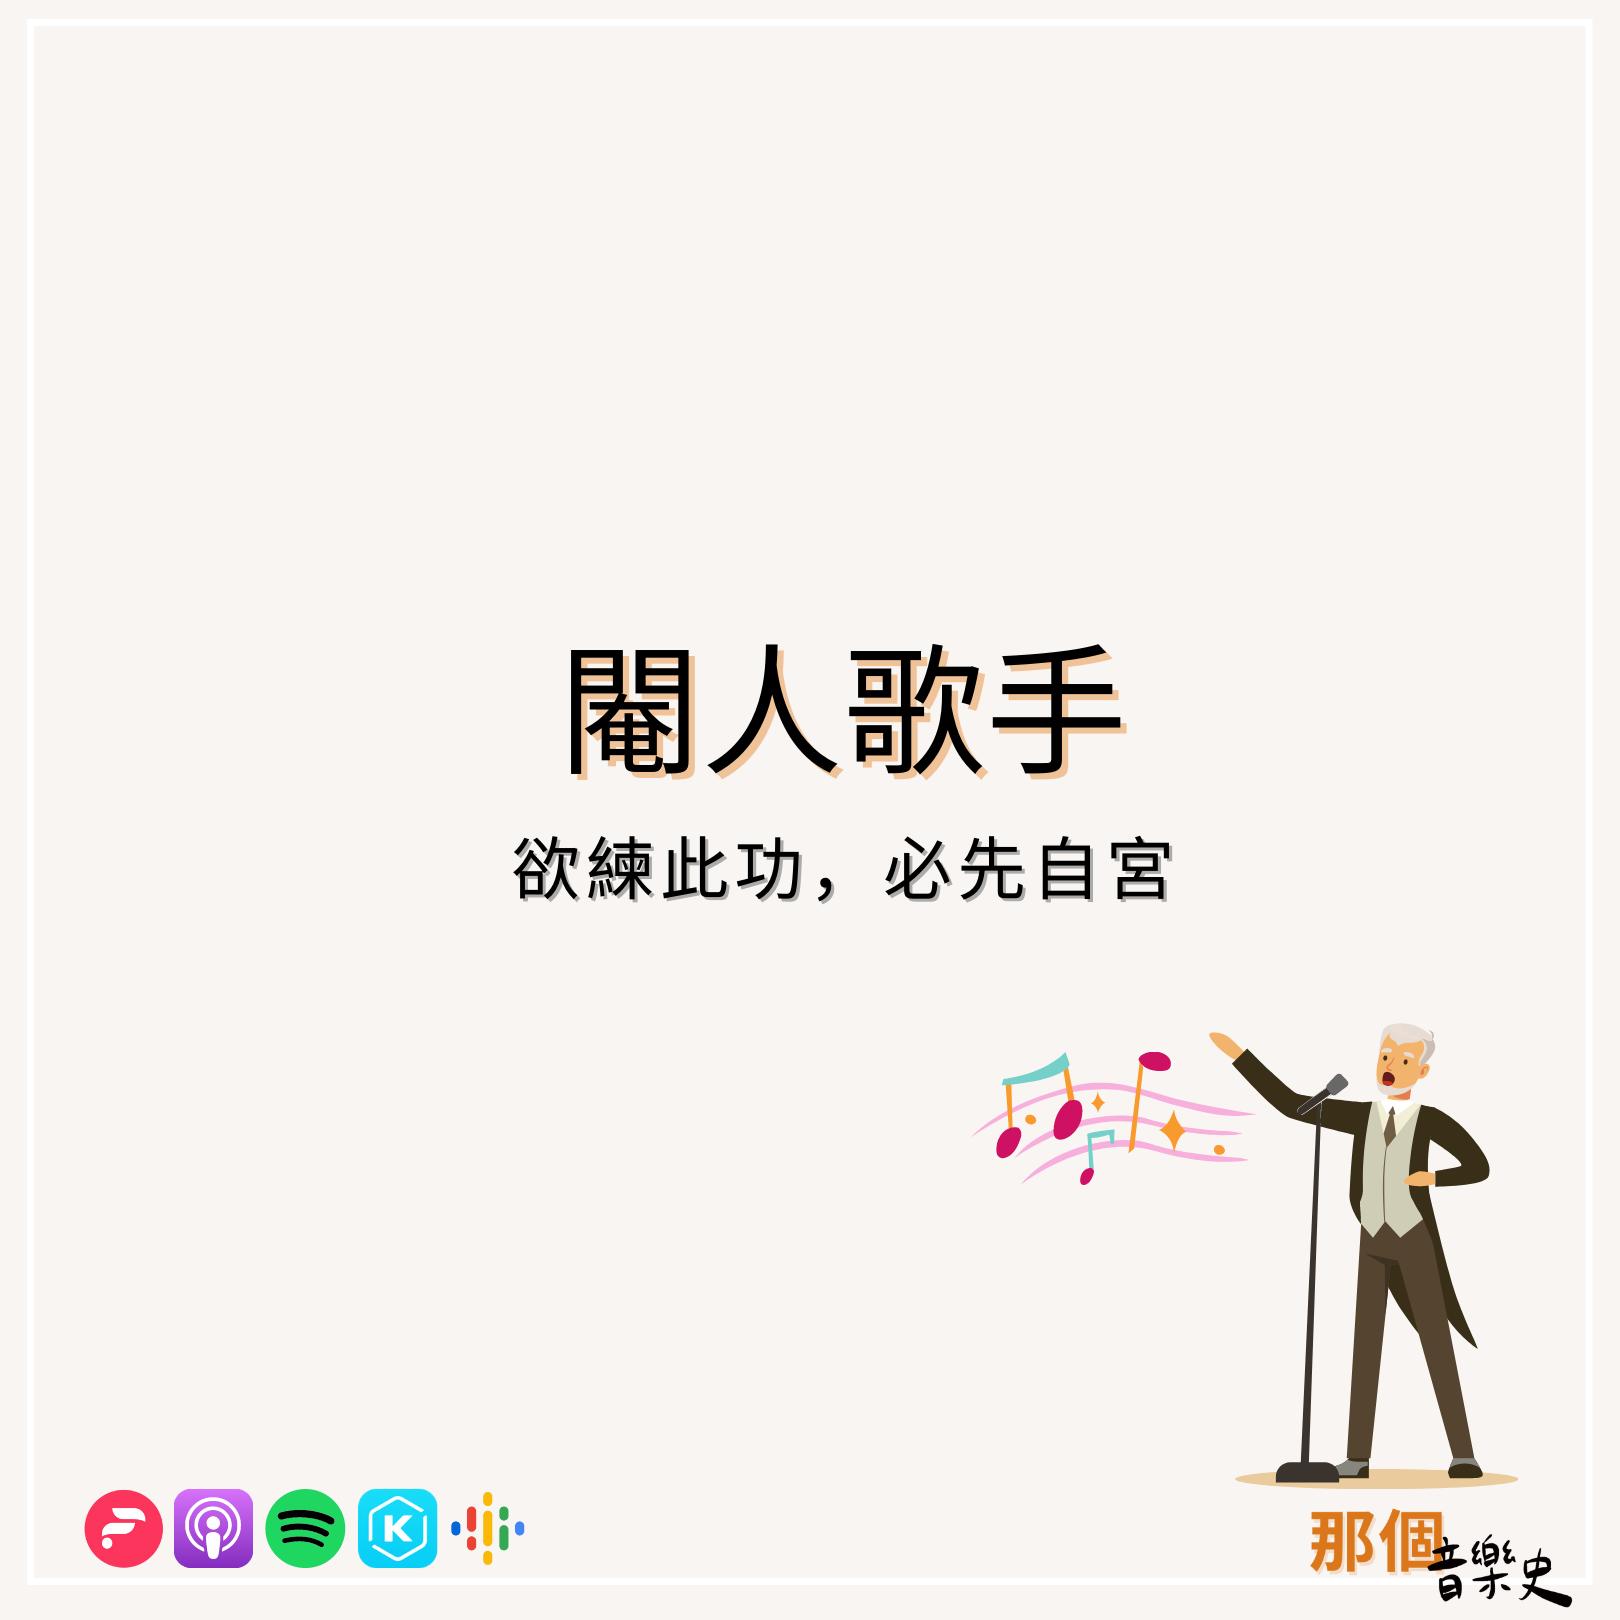 【閹人歌手】欲練此功,必先自宮